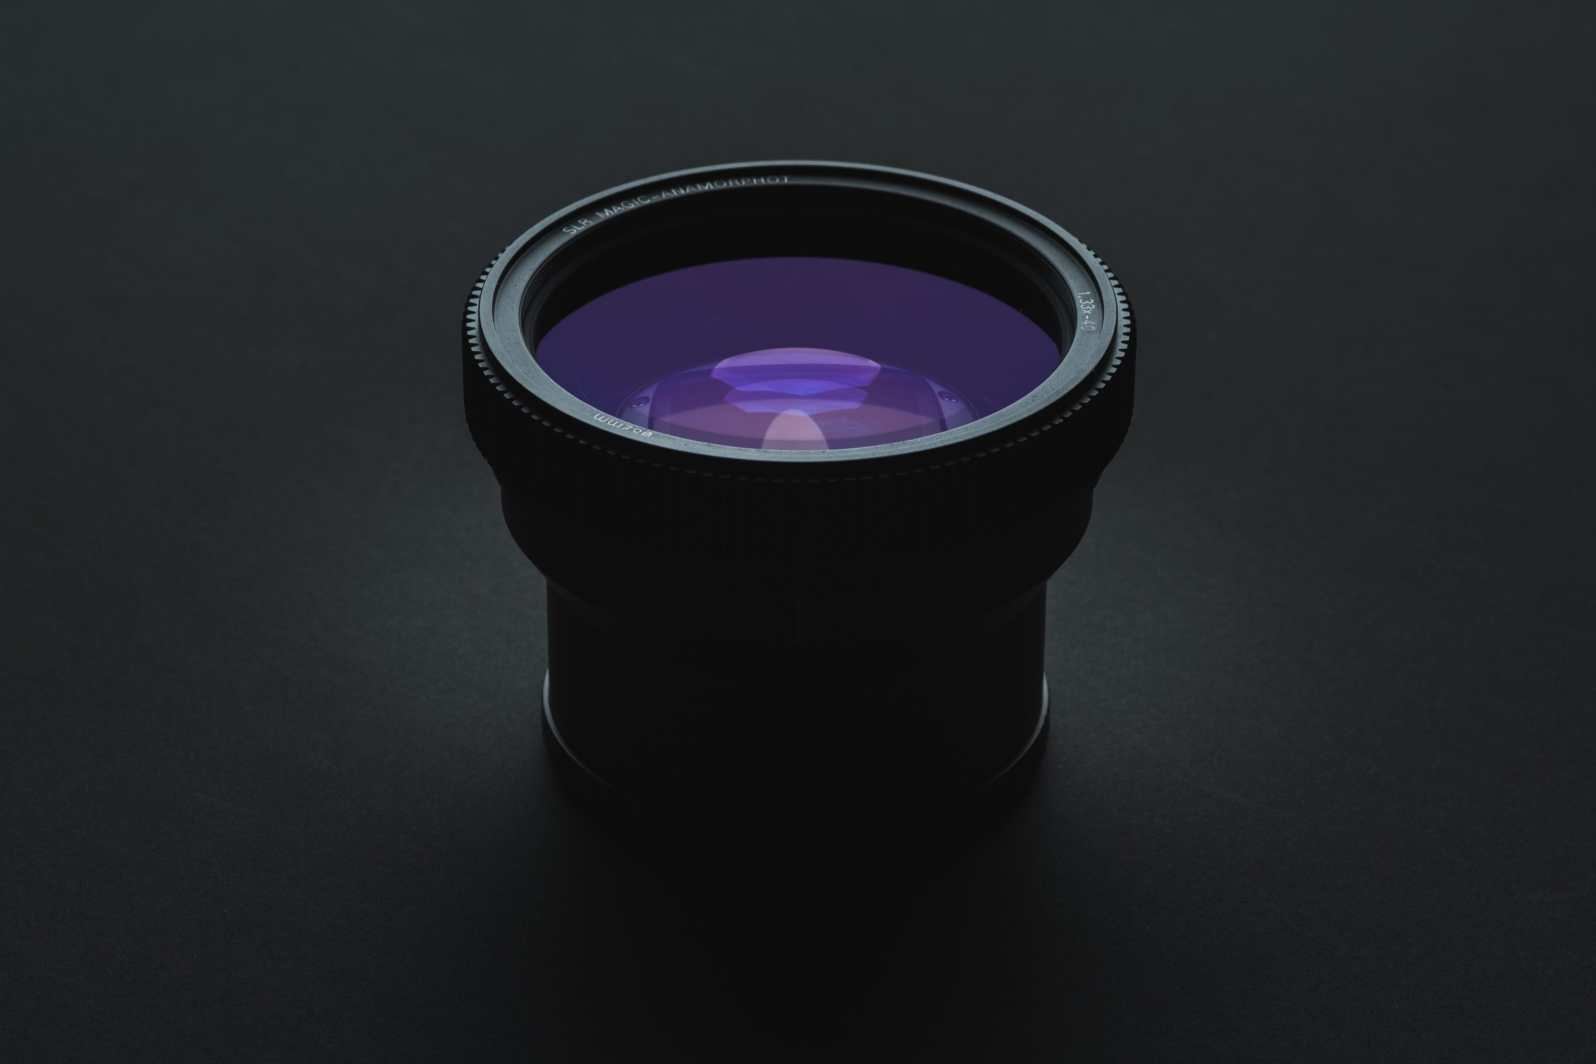 AlikGriffin_Anamorphot40_ProductShots-1-L